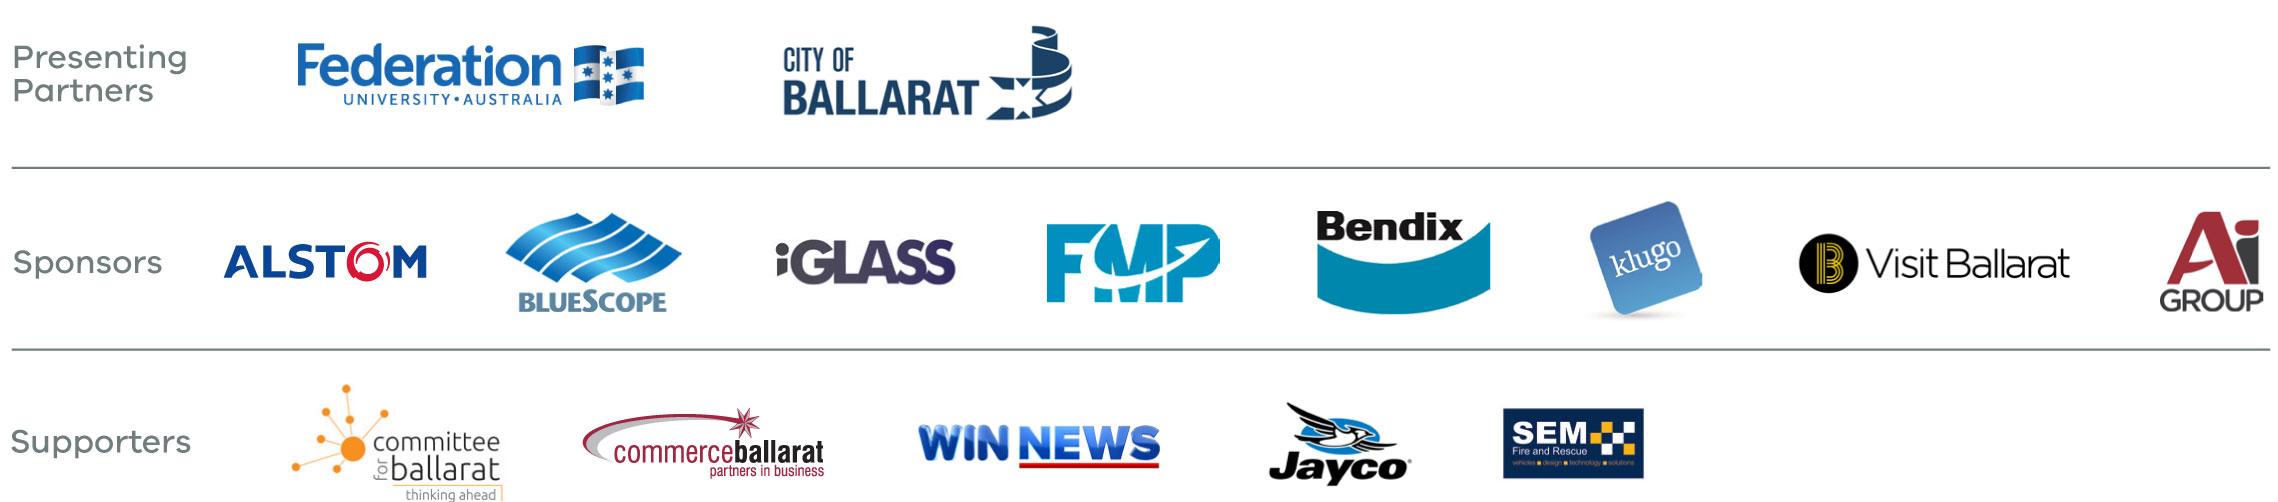 VMS 2016 Sponsors